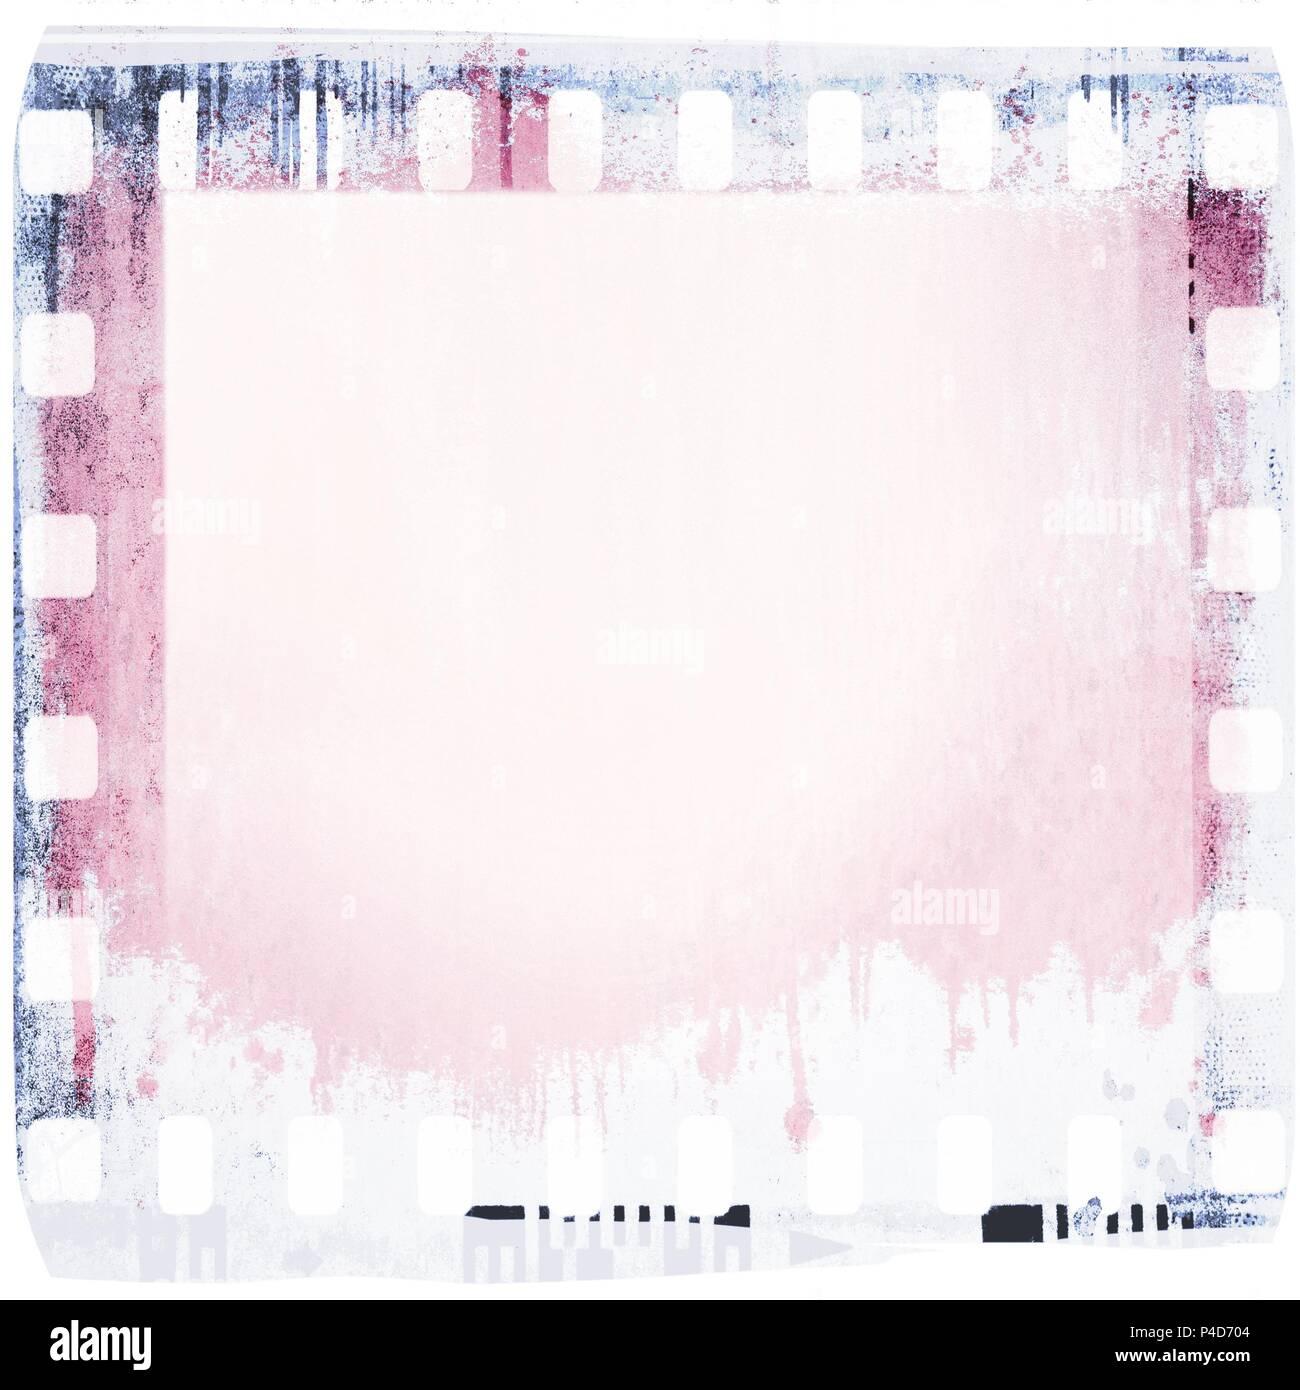 Pink Strip Stockfotos & Pink Strip Bilder - Seite 2 - Alamy